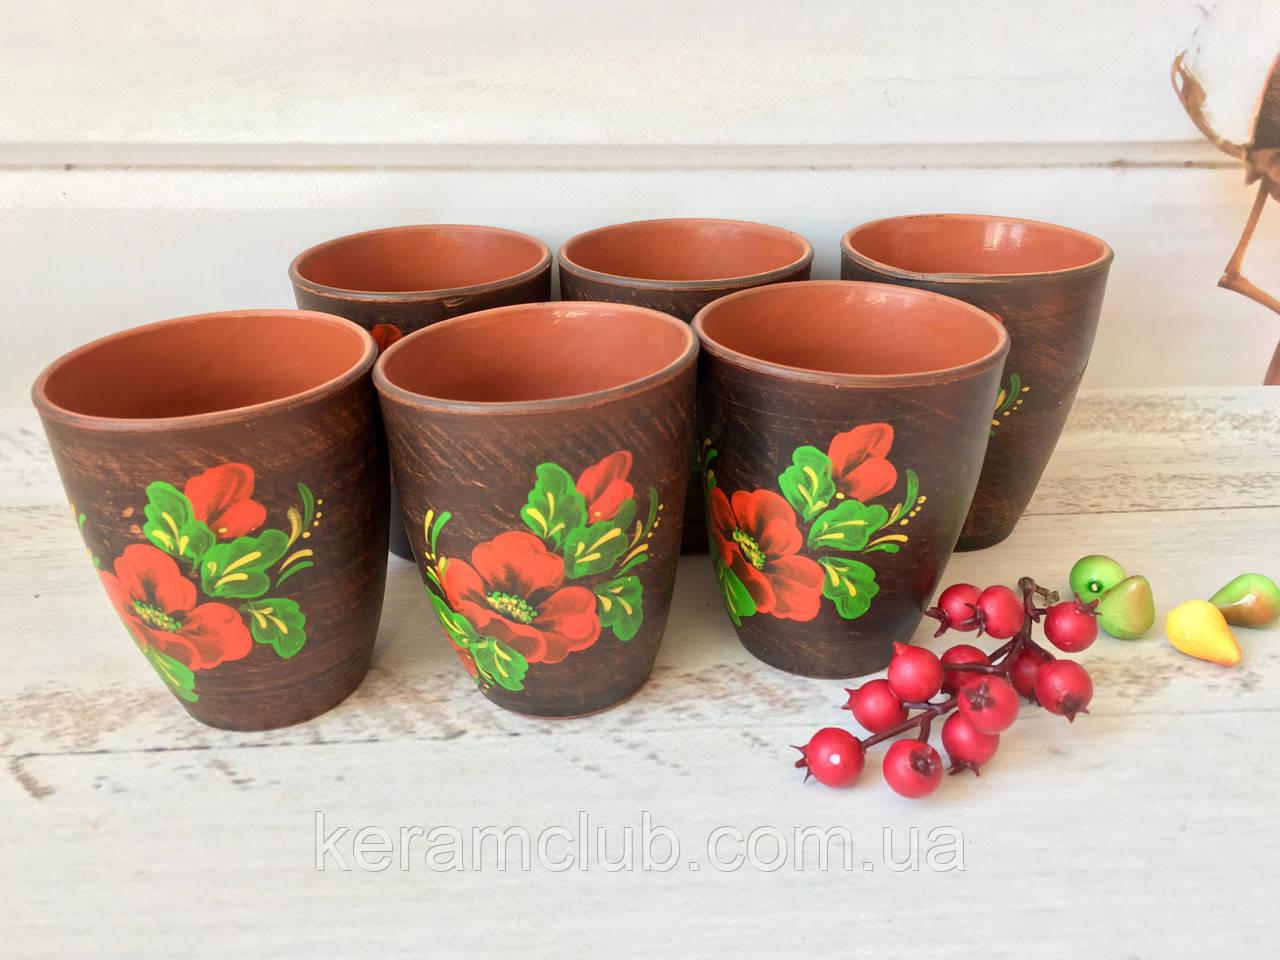 Набор стаканов из красной глины 300 мл (6 шт) с рисунком